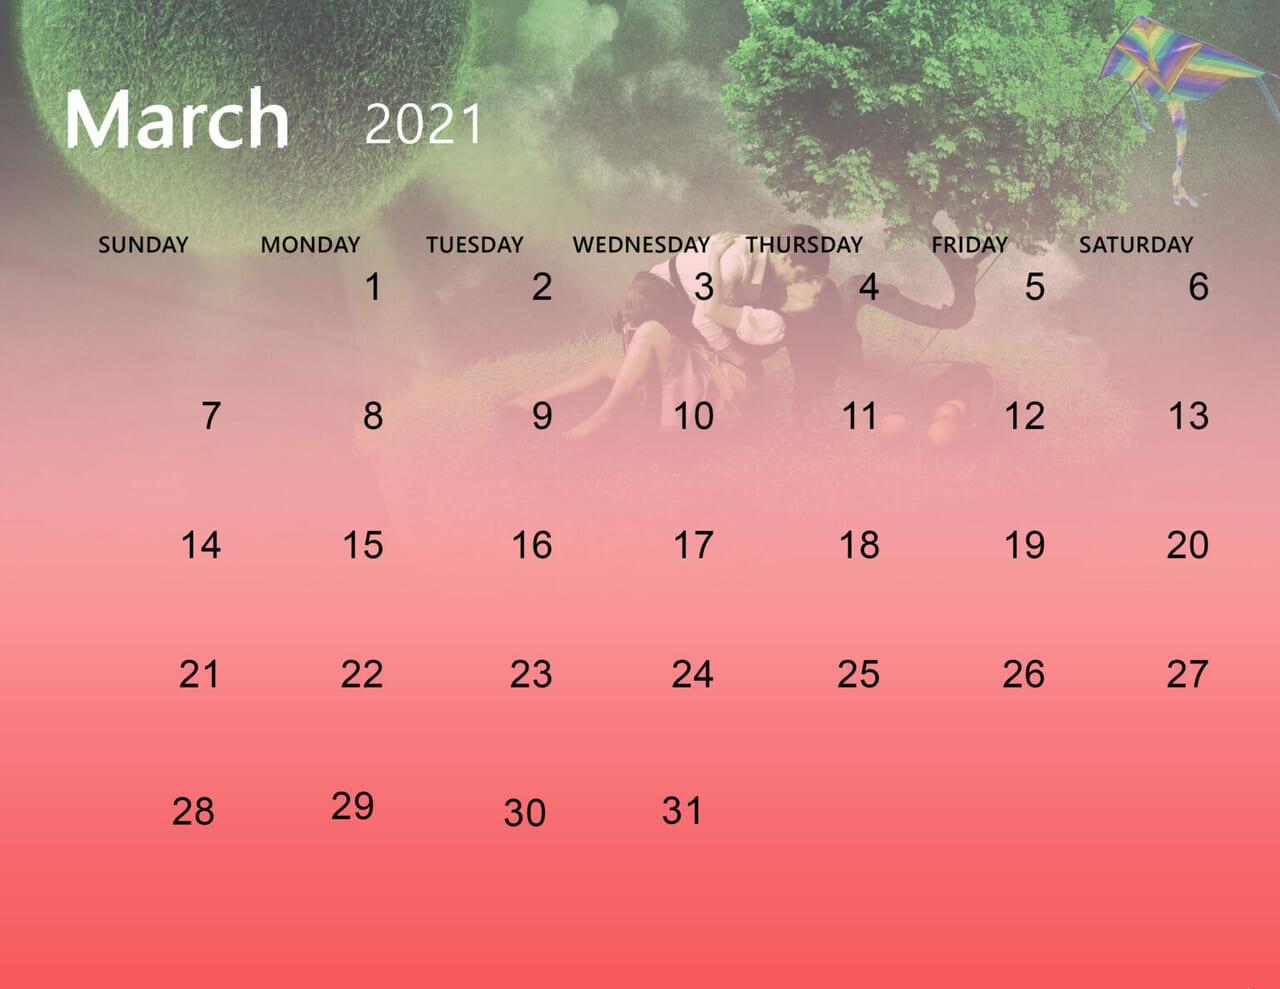 Cute March 2021 Calendar Desktop Wallpaper on We Heart It